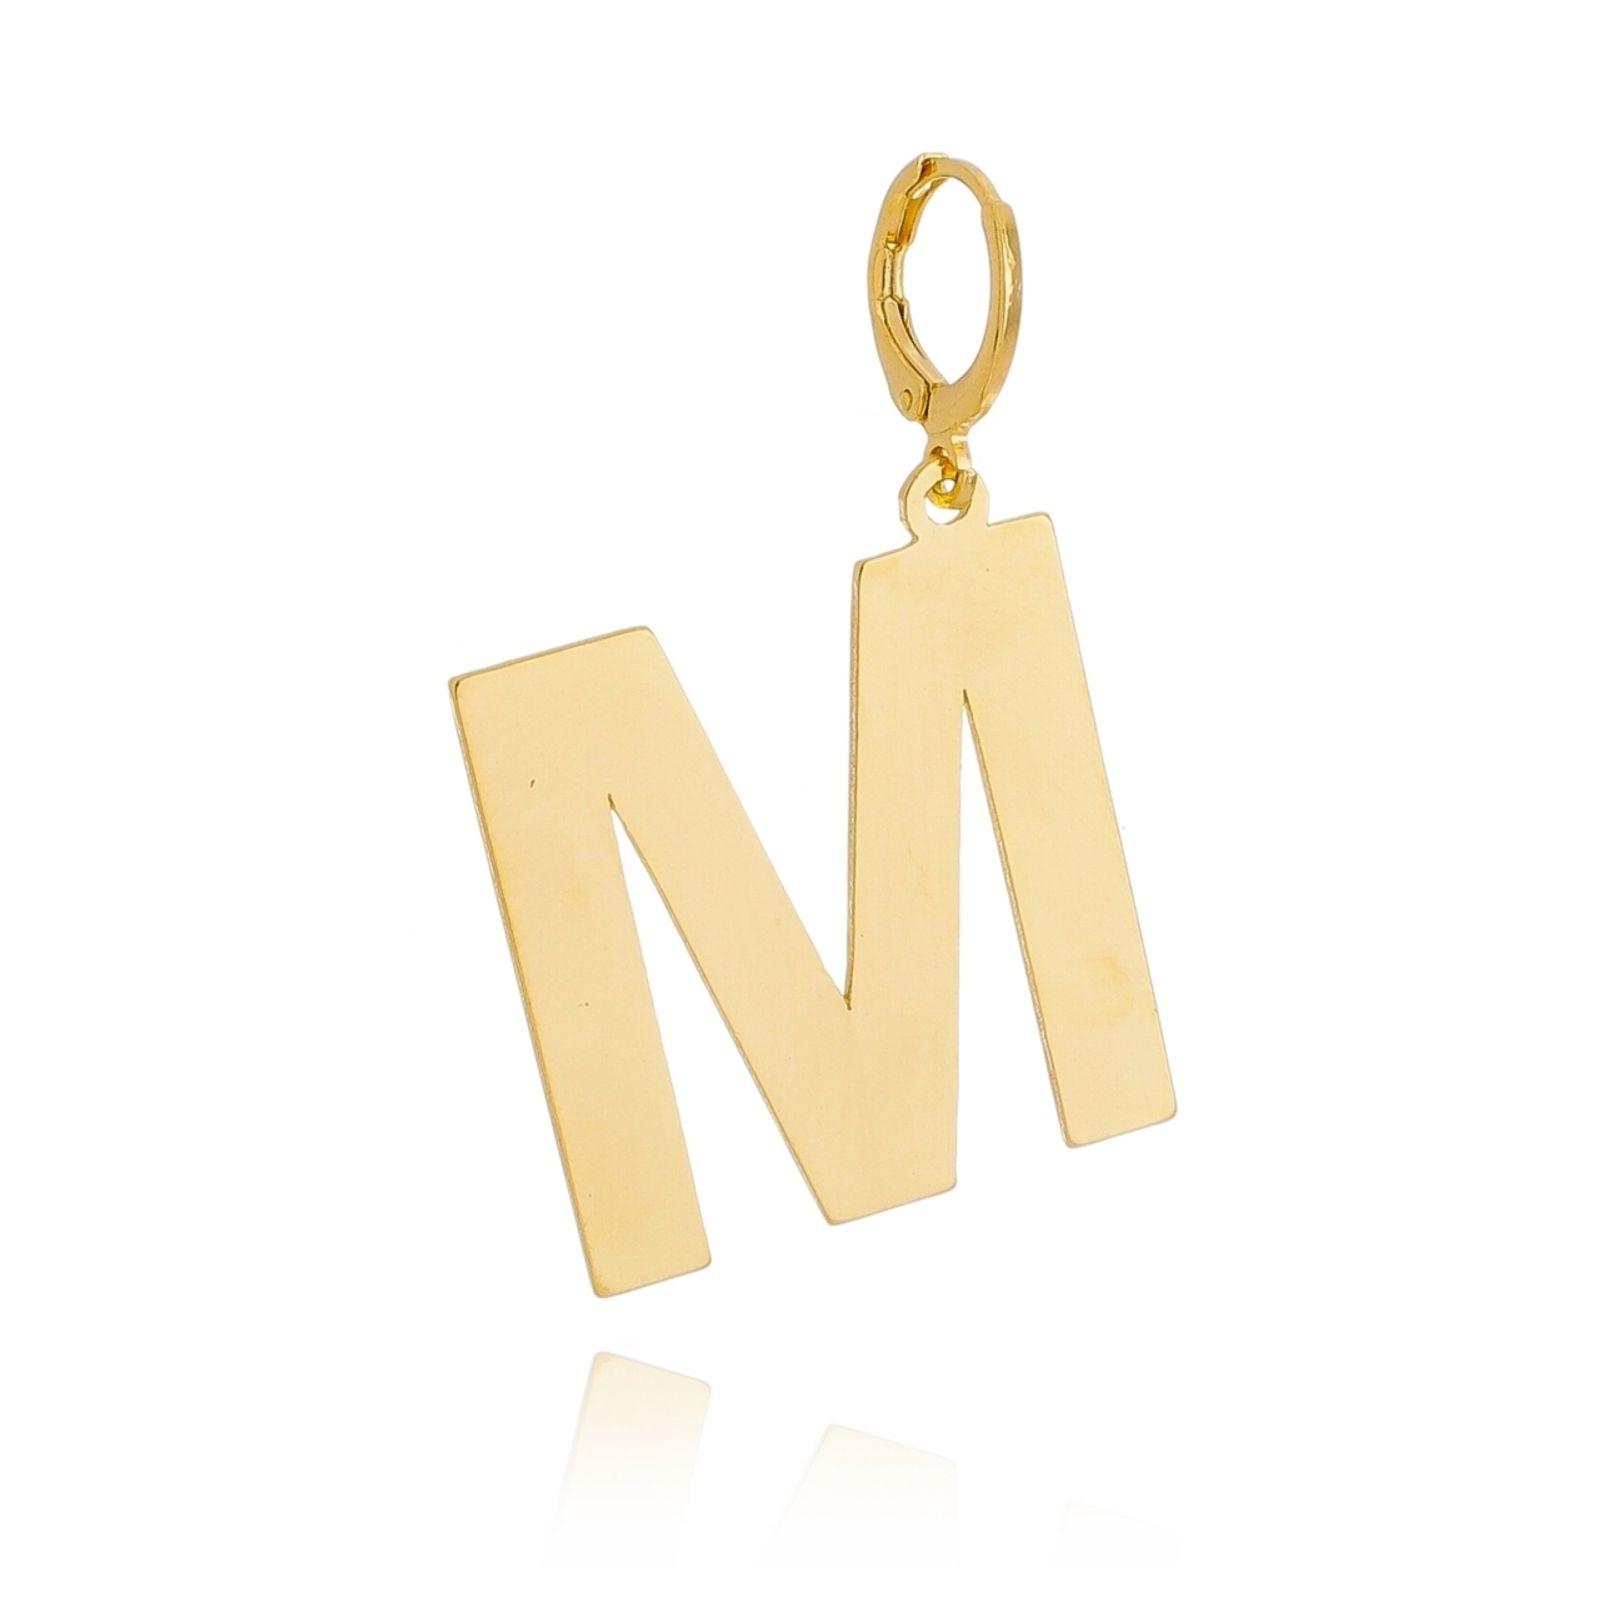 Pingente Letra Serifada Banhado em Ouro 18k